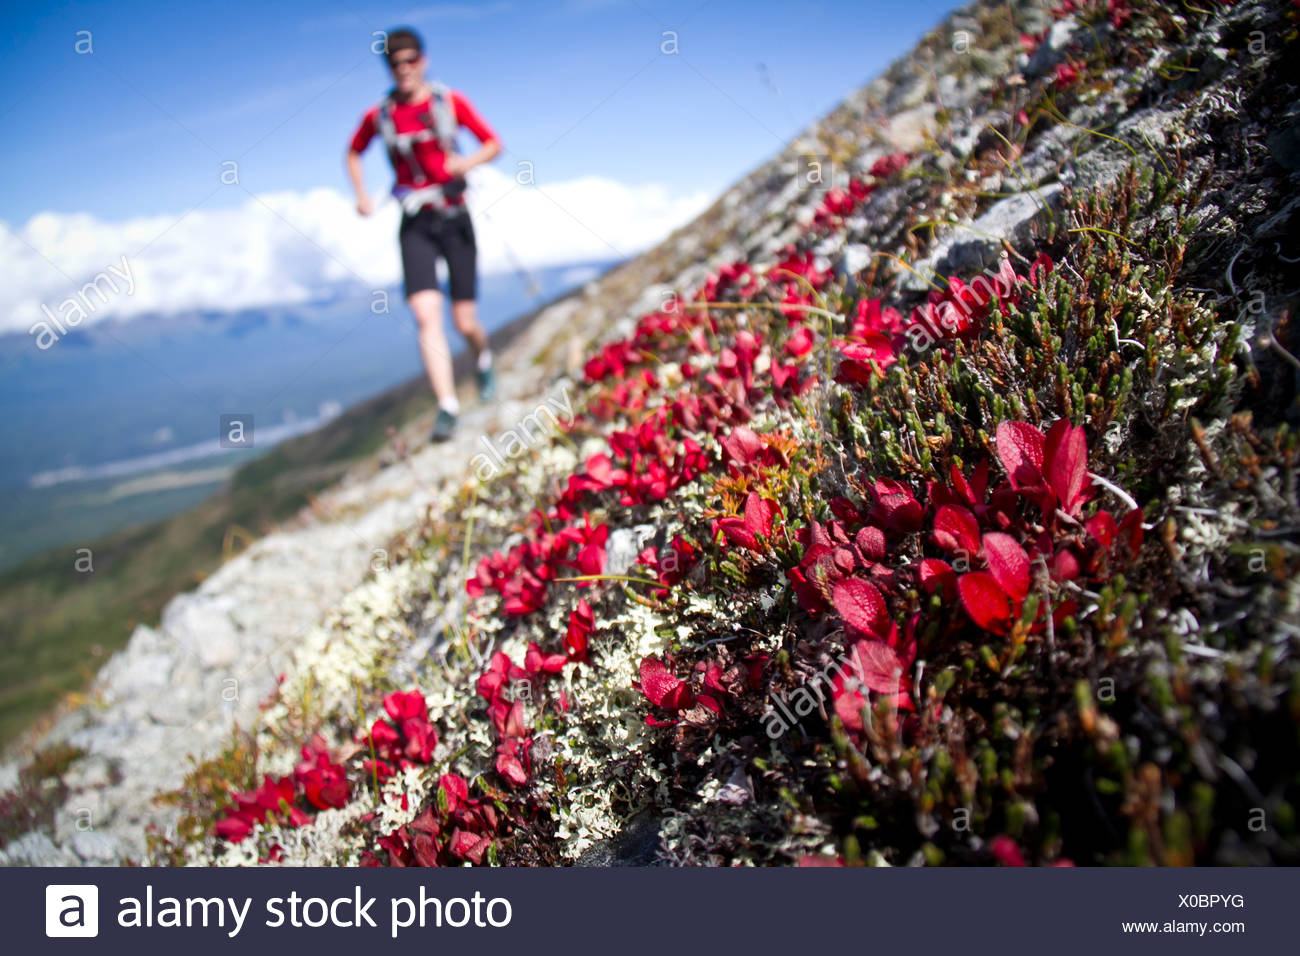 8c3a7e8a50c Mujer trail running entre perezoso y Matanuska pico de montaña, montañas  Chugach, Alaska,